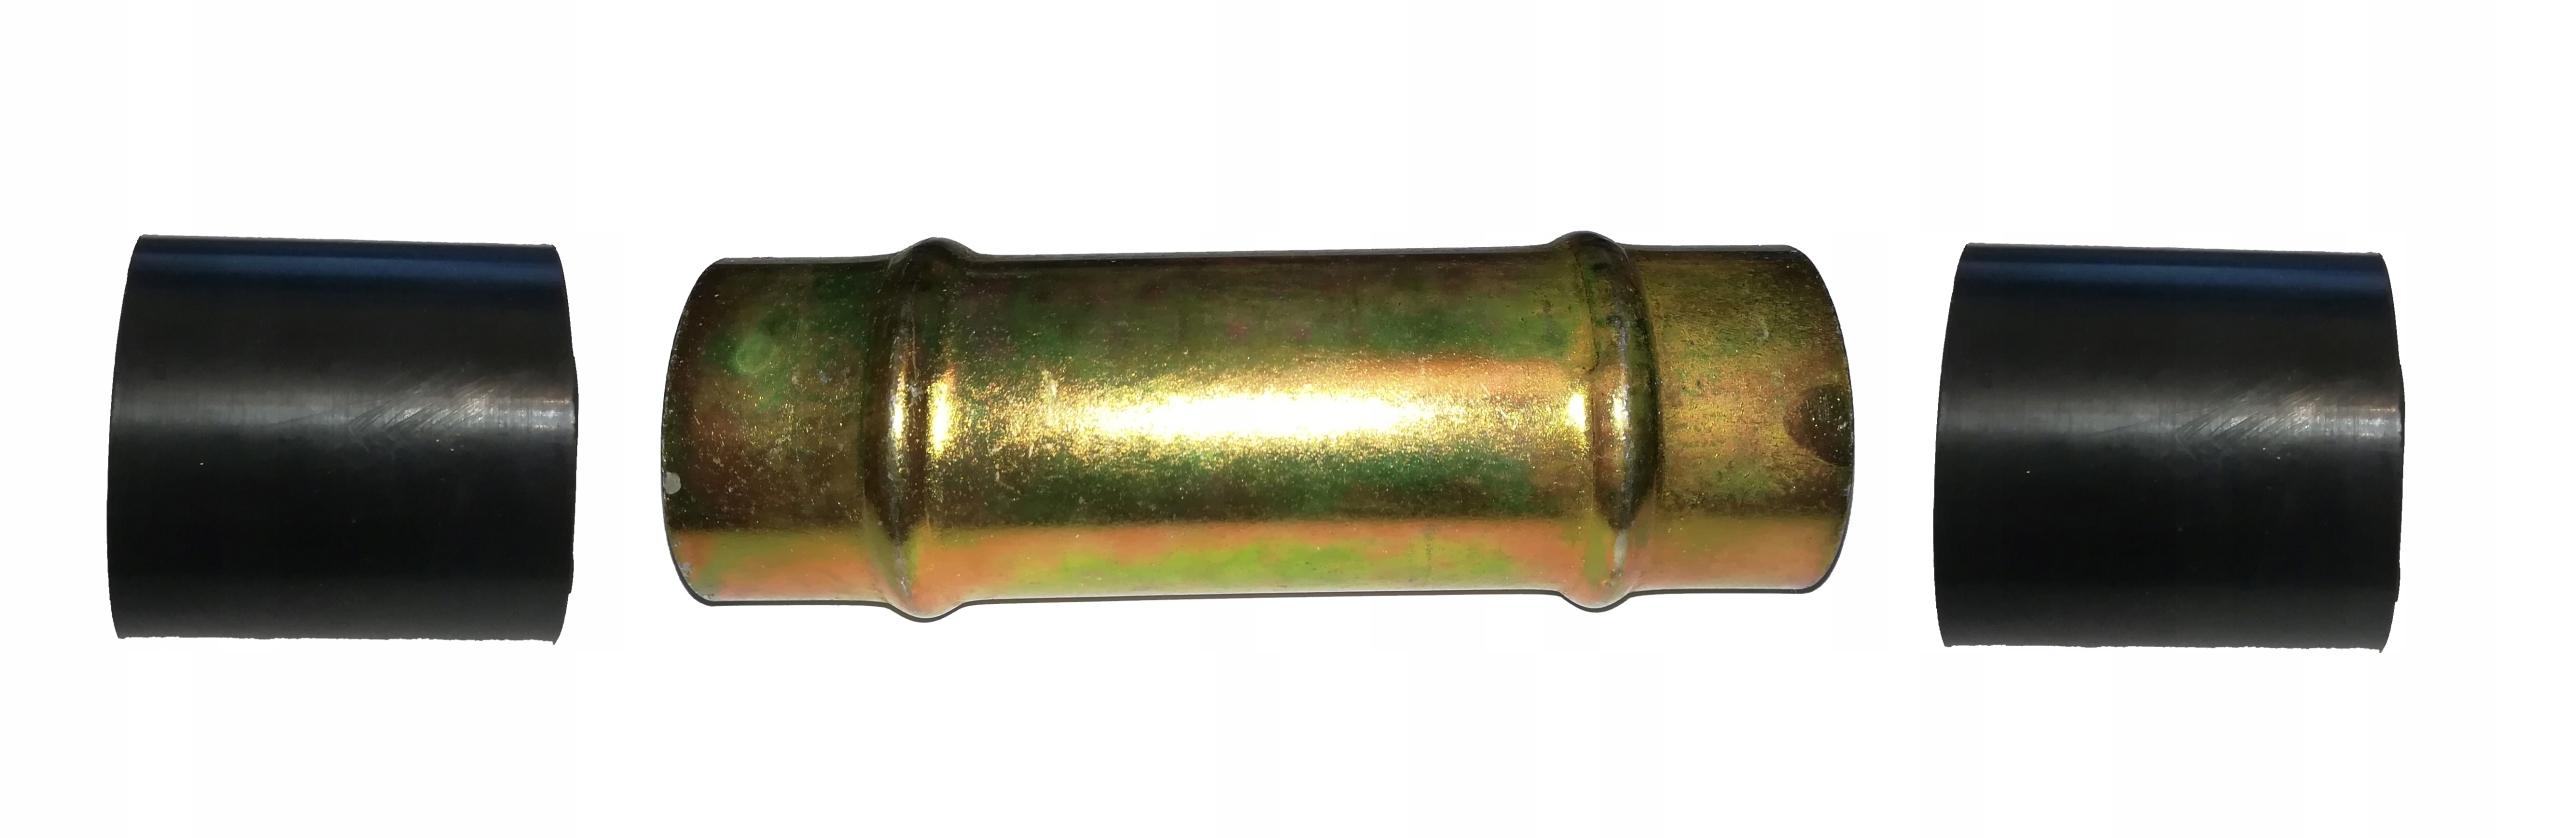 fiat 126p труба разъем карбюратор фильтр воздуха